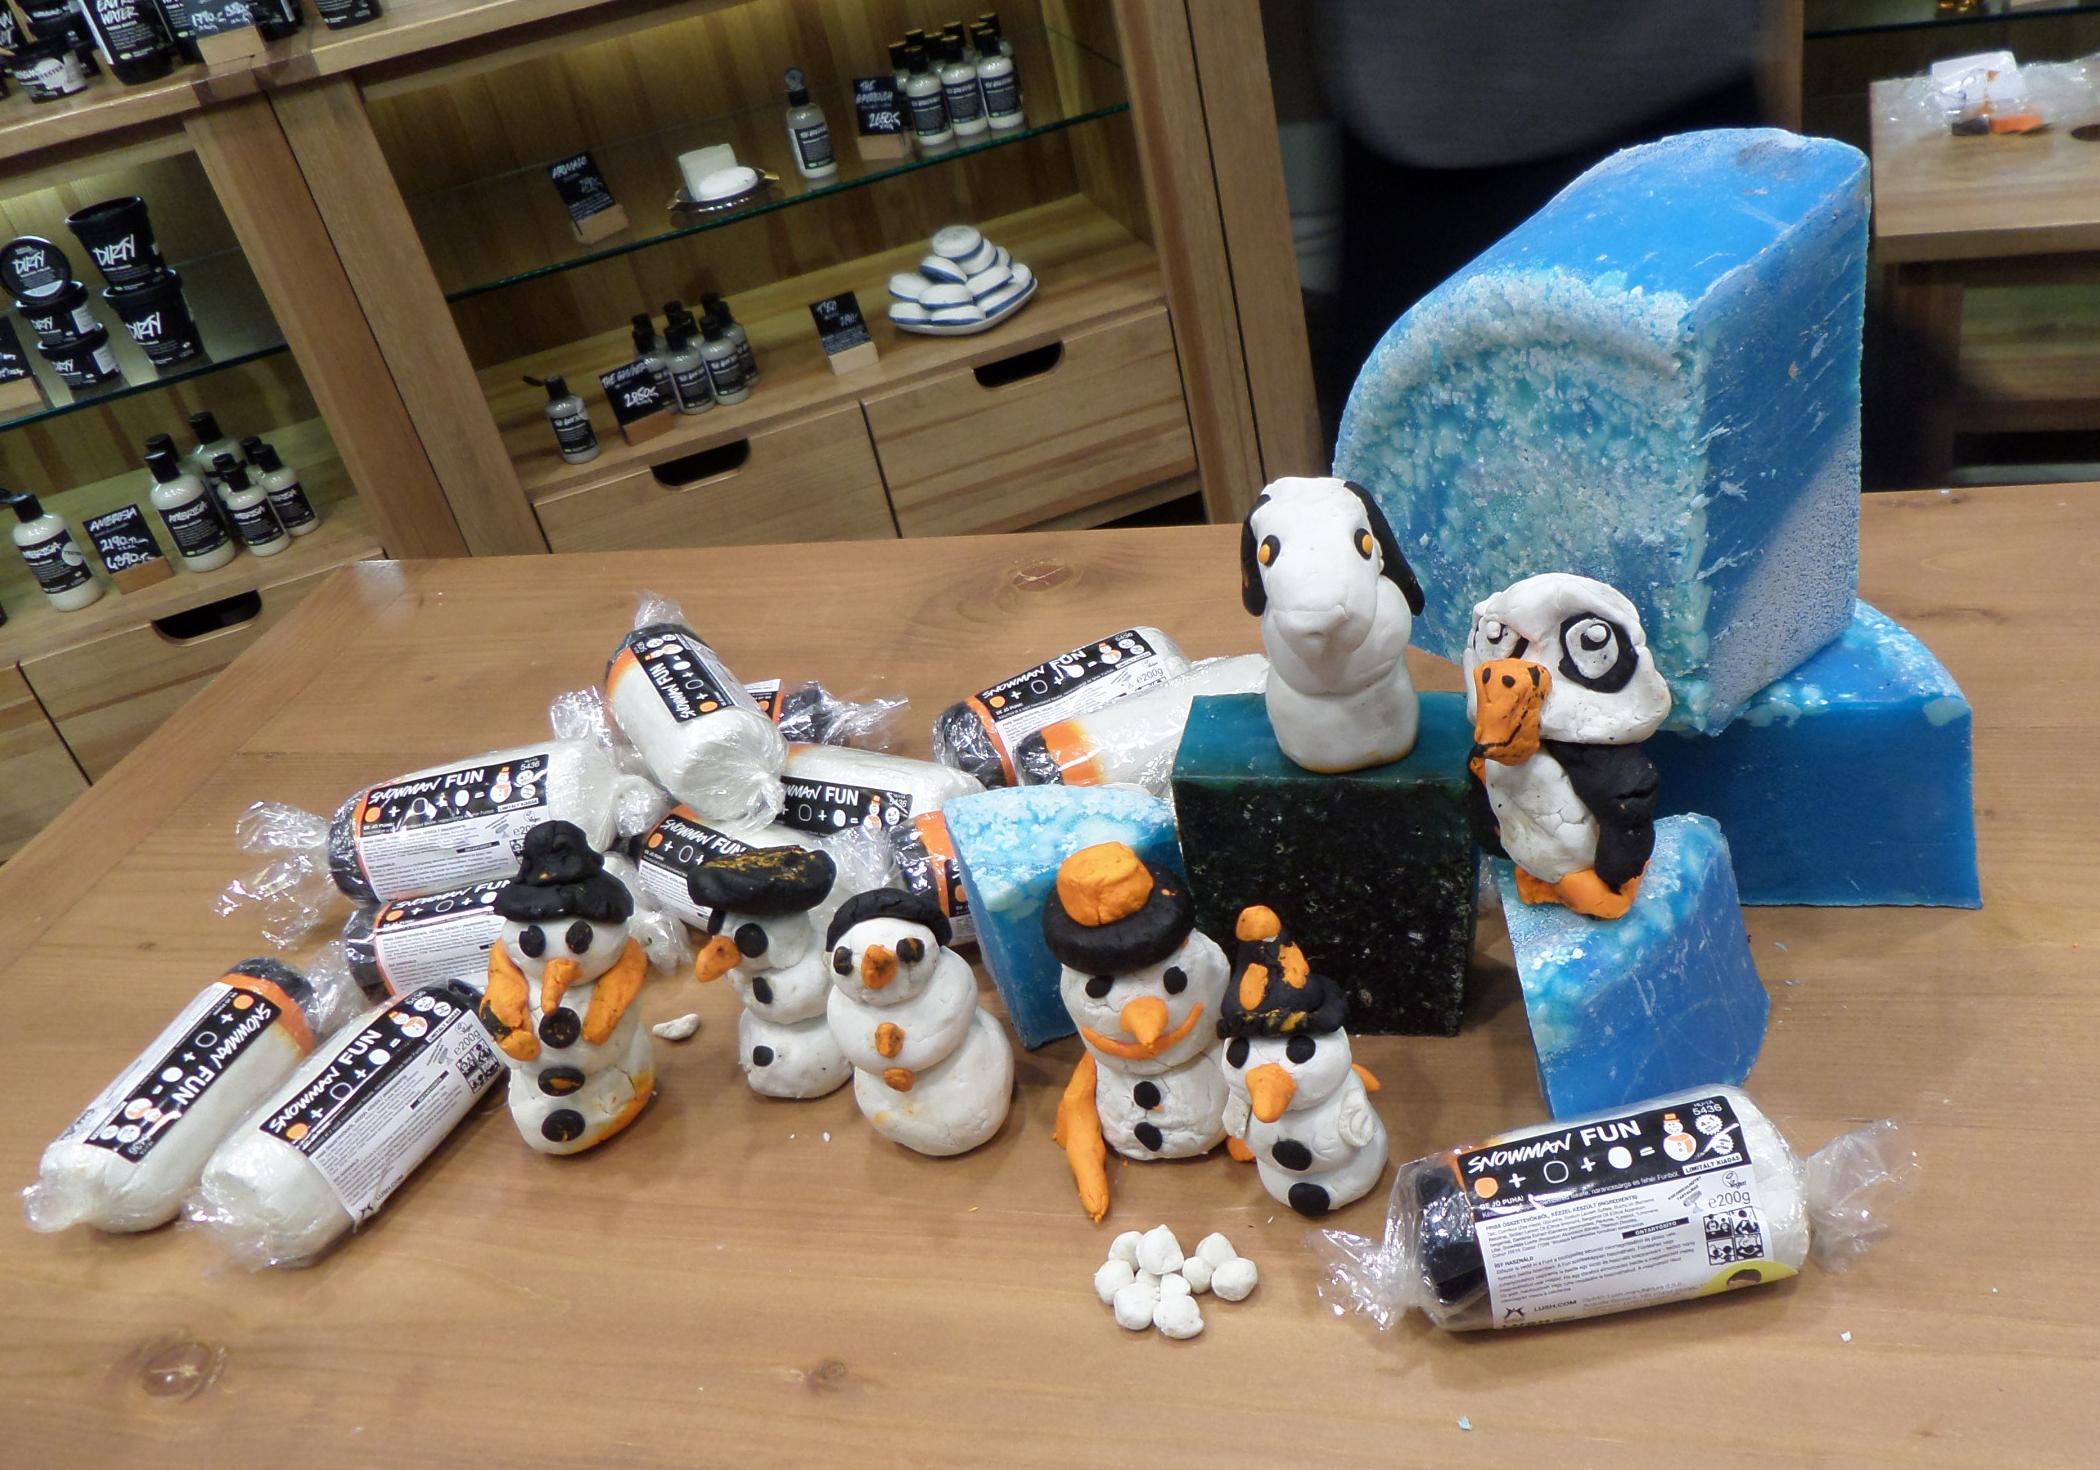 Snowman Fun - Építs hóembert a kádban az ünnepi Fun készletből! Frissítő, édes illatkeverékét az illatos ruta, a bergamott és a szicíliai citrom illóolajaiból állítottuk össze. Formázz hóembert a fehér, narancsszínű és fekete darabokból, majd ha már eleget játszottál vele, használd habfürdőként, szappanként vagy samponként.